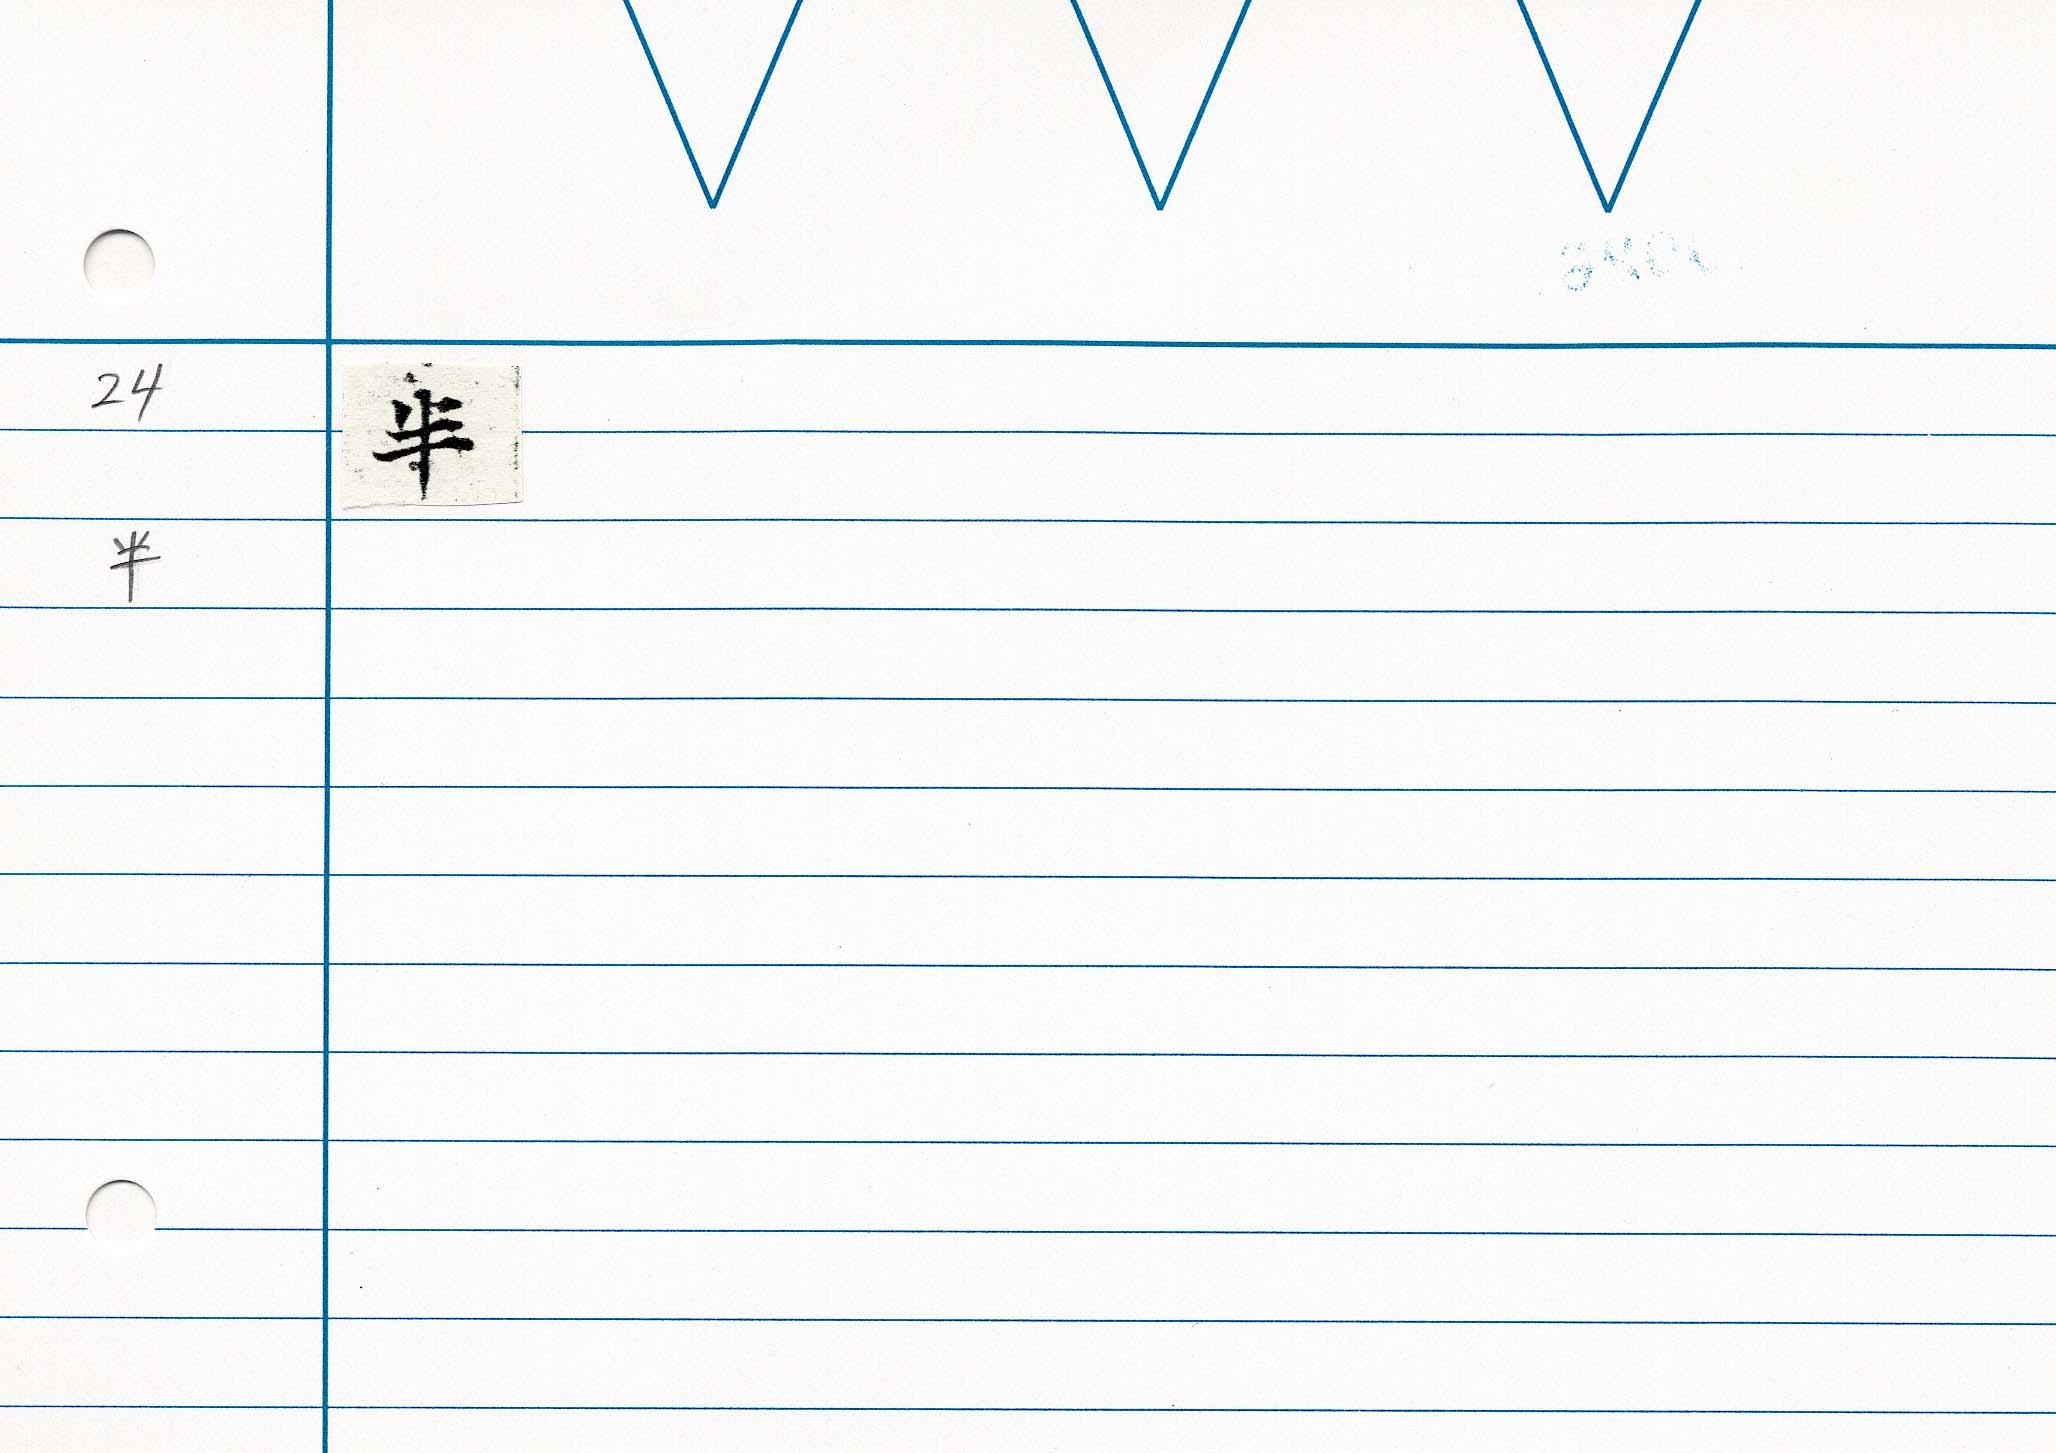 60_佛説大教王經卷一(東禪寺版日本寫本)/cards/0027.jpg